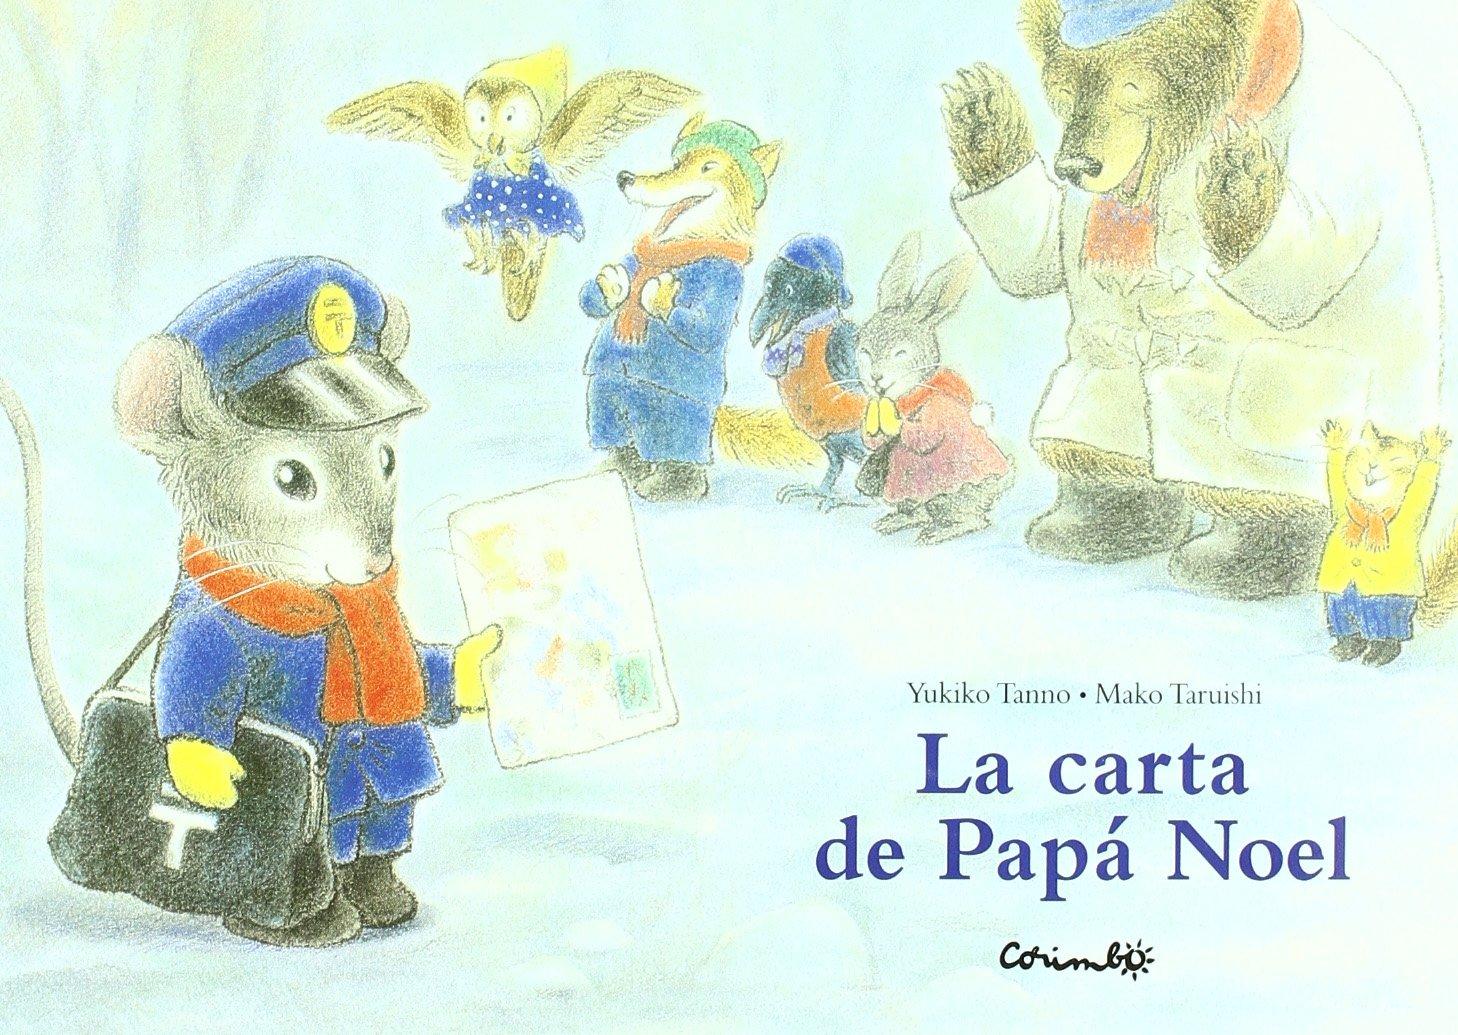 LA CARTA DE PAPA NOEL (CES): Amazon.es: TASNNO-TARUISHI: Libros